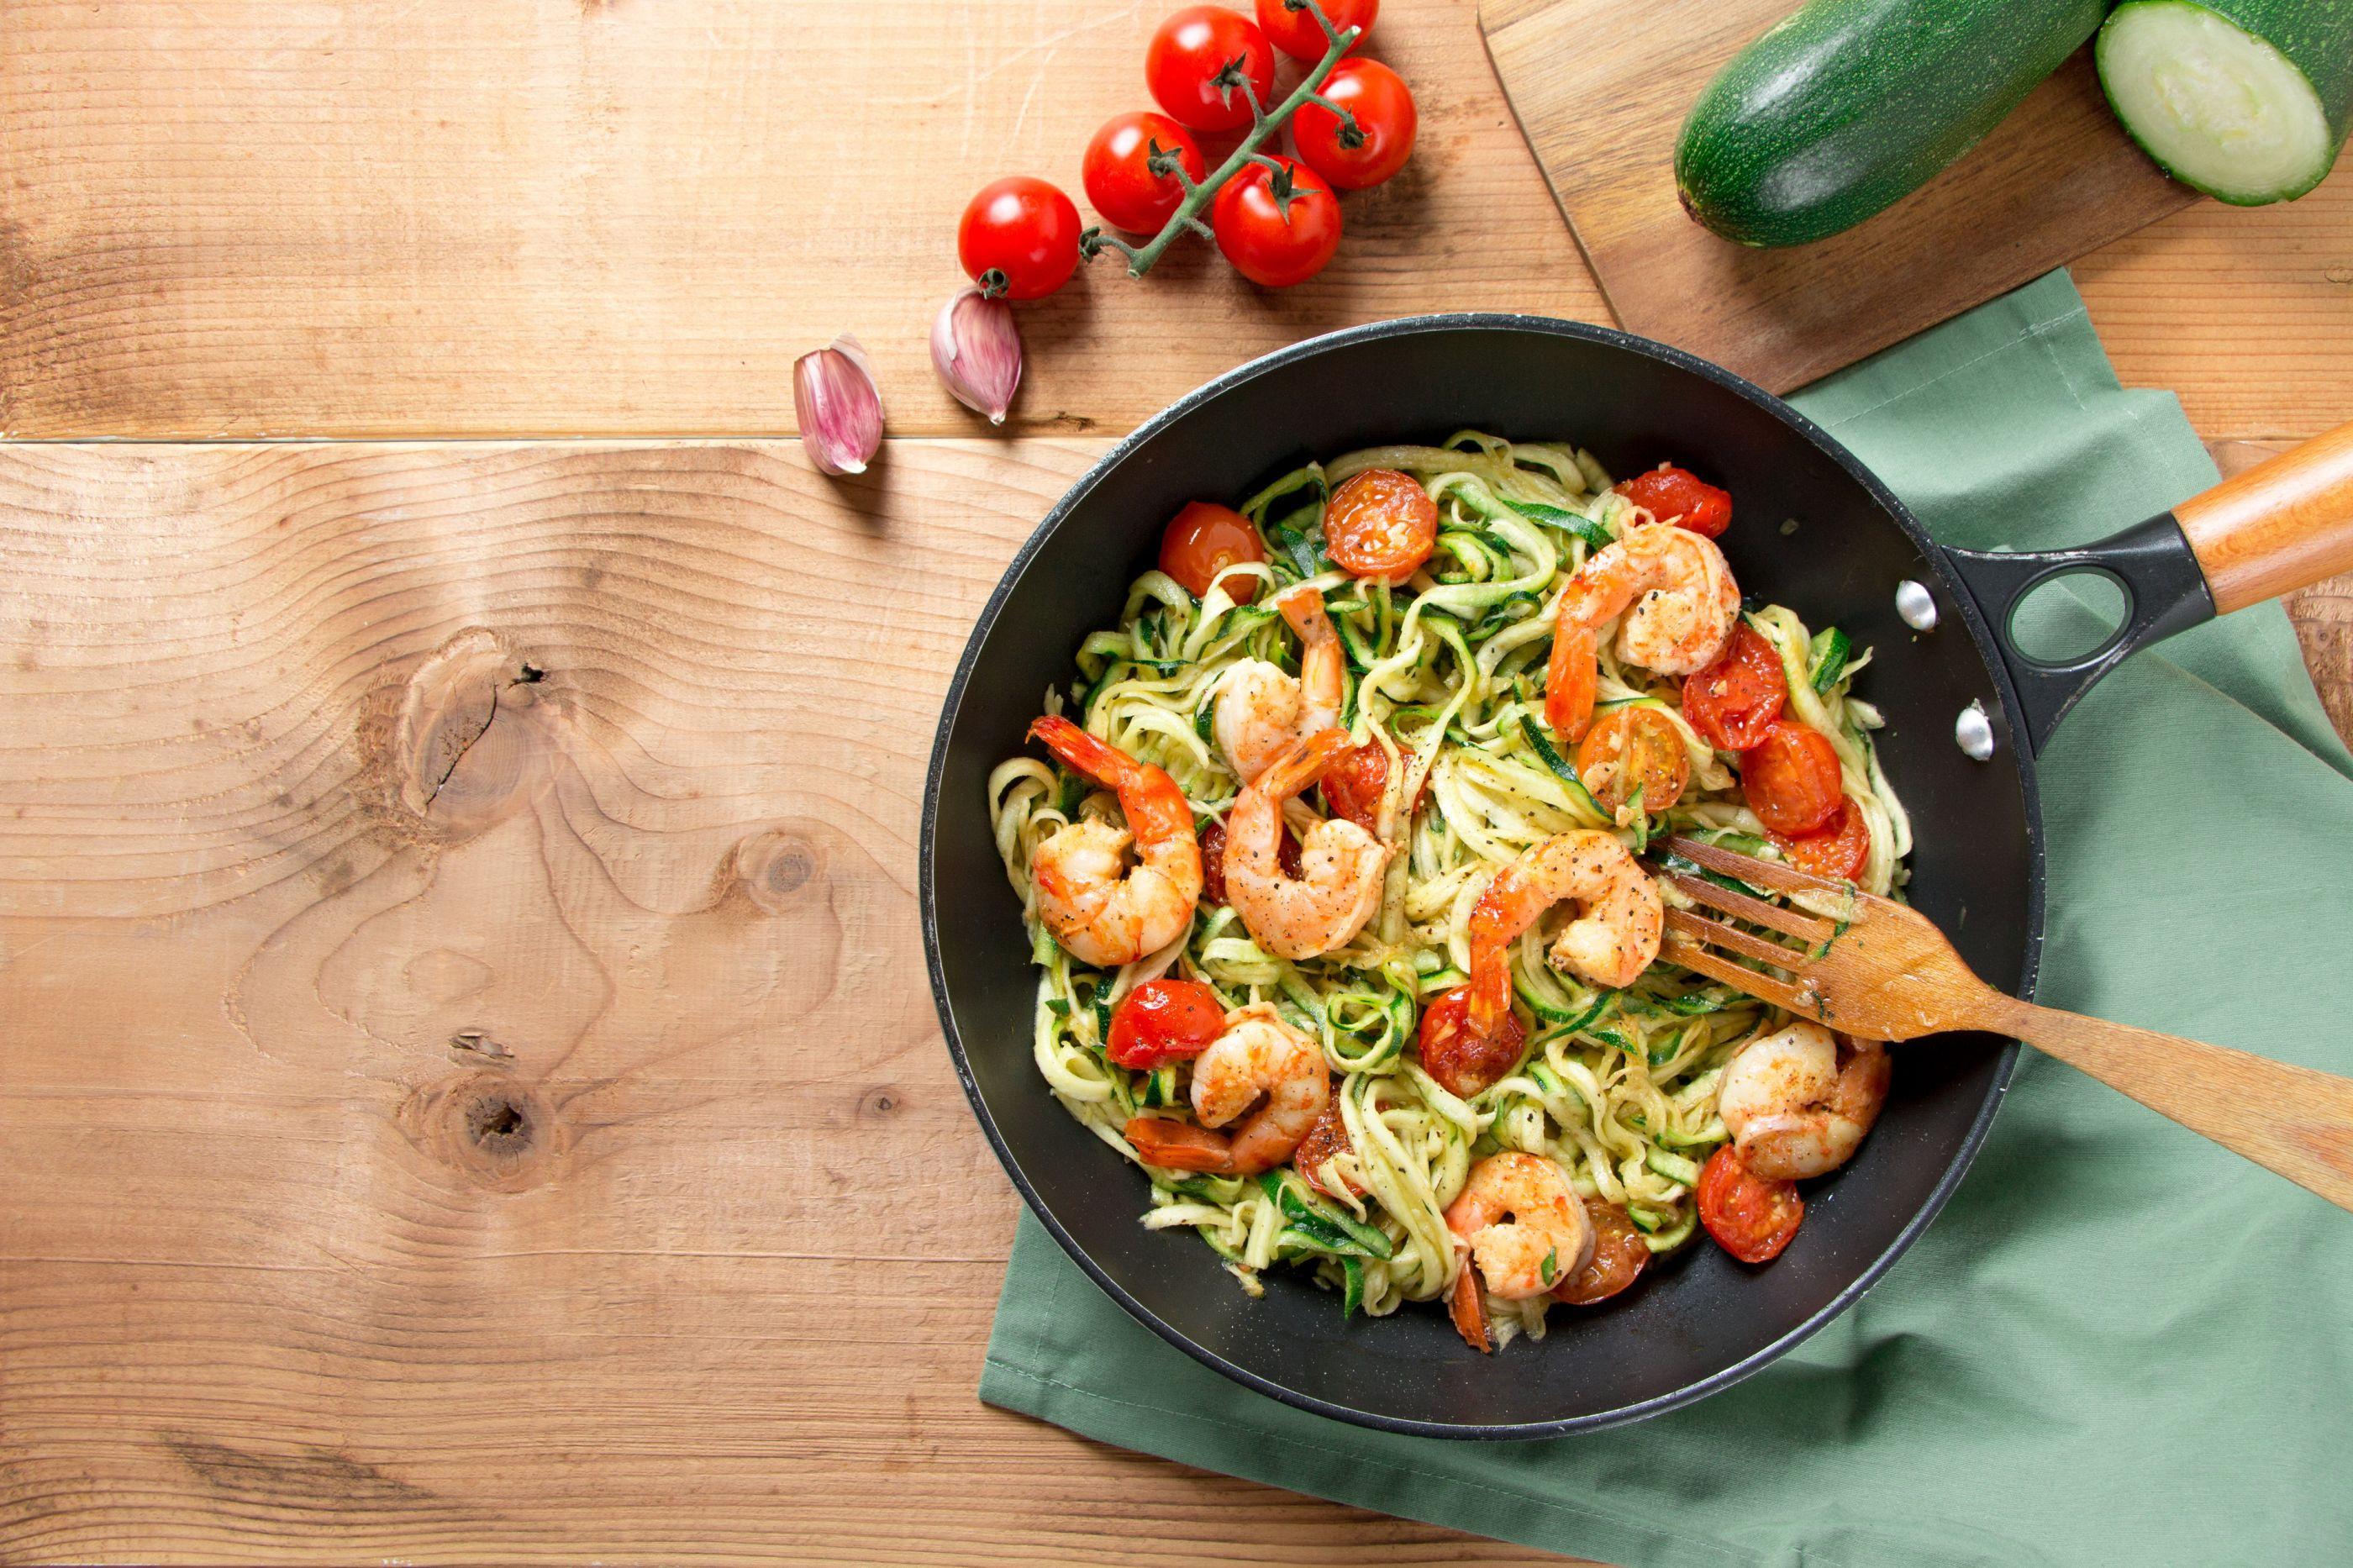 Numa dieta, não renuncie aos pratos de massa. Faça assim